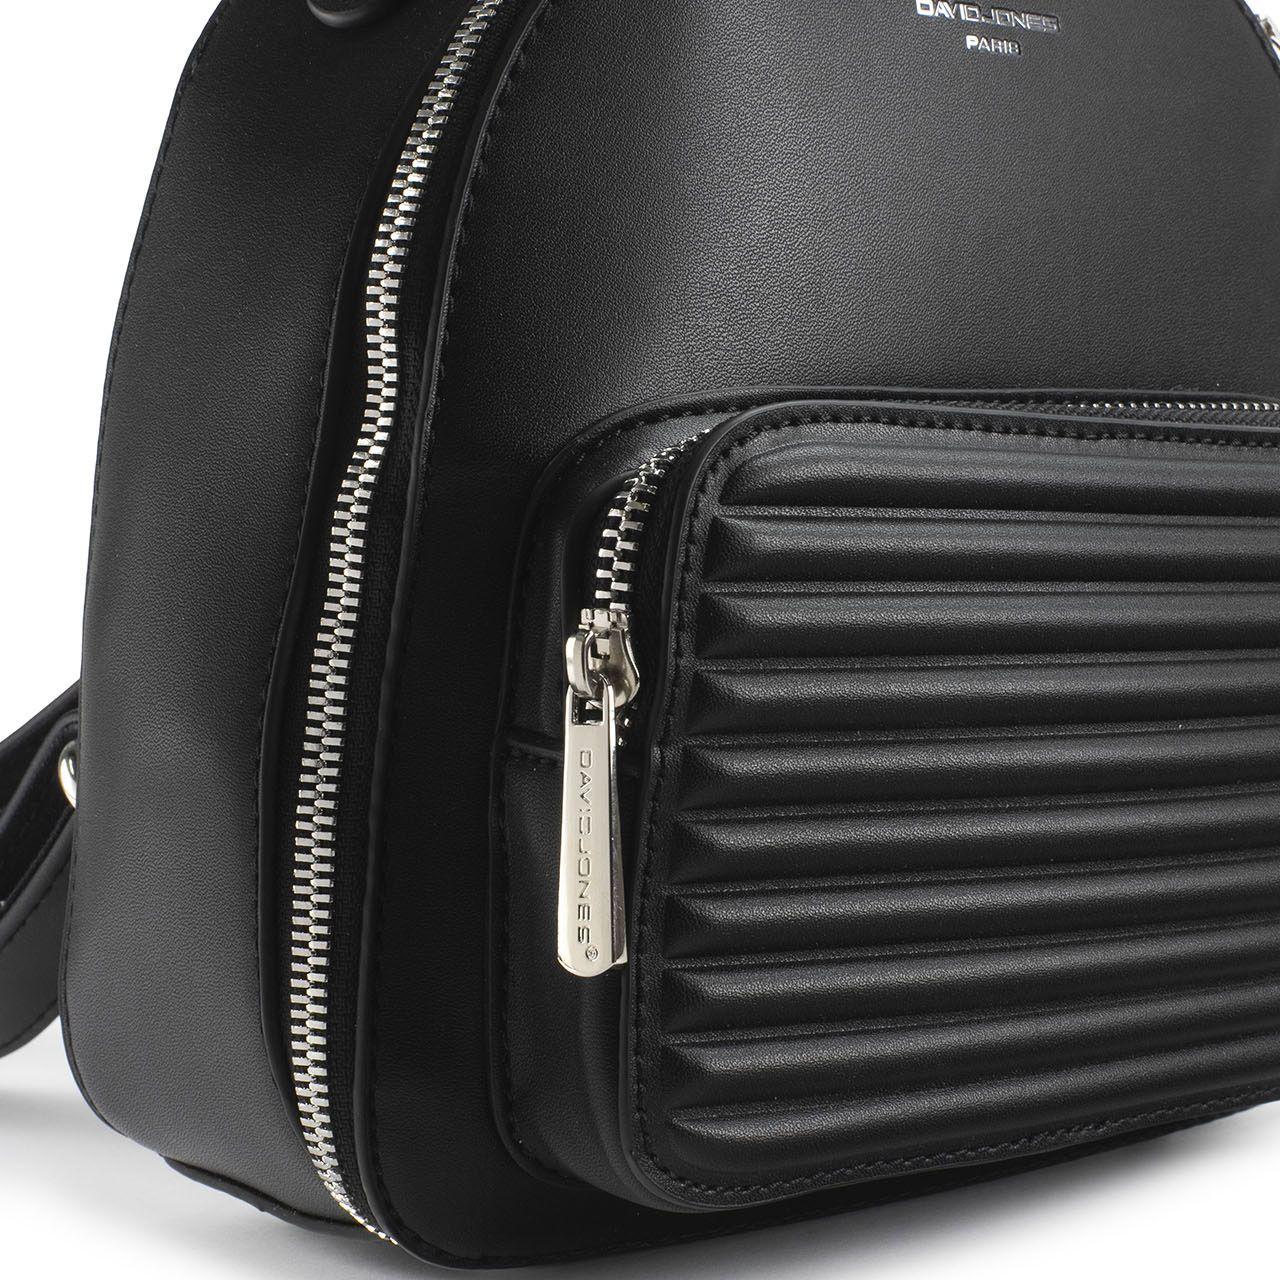 کوله پشتی زنانه دیویدجونز مدل 6275-3 -  - 10